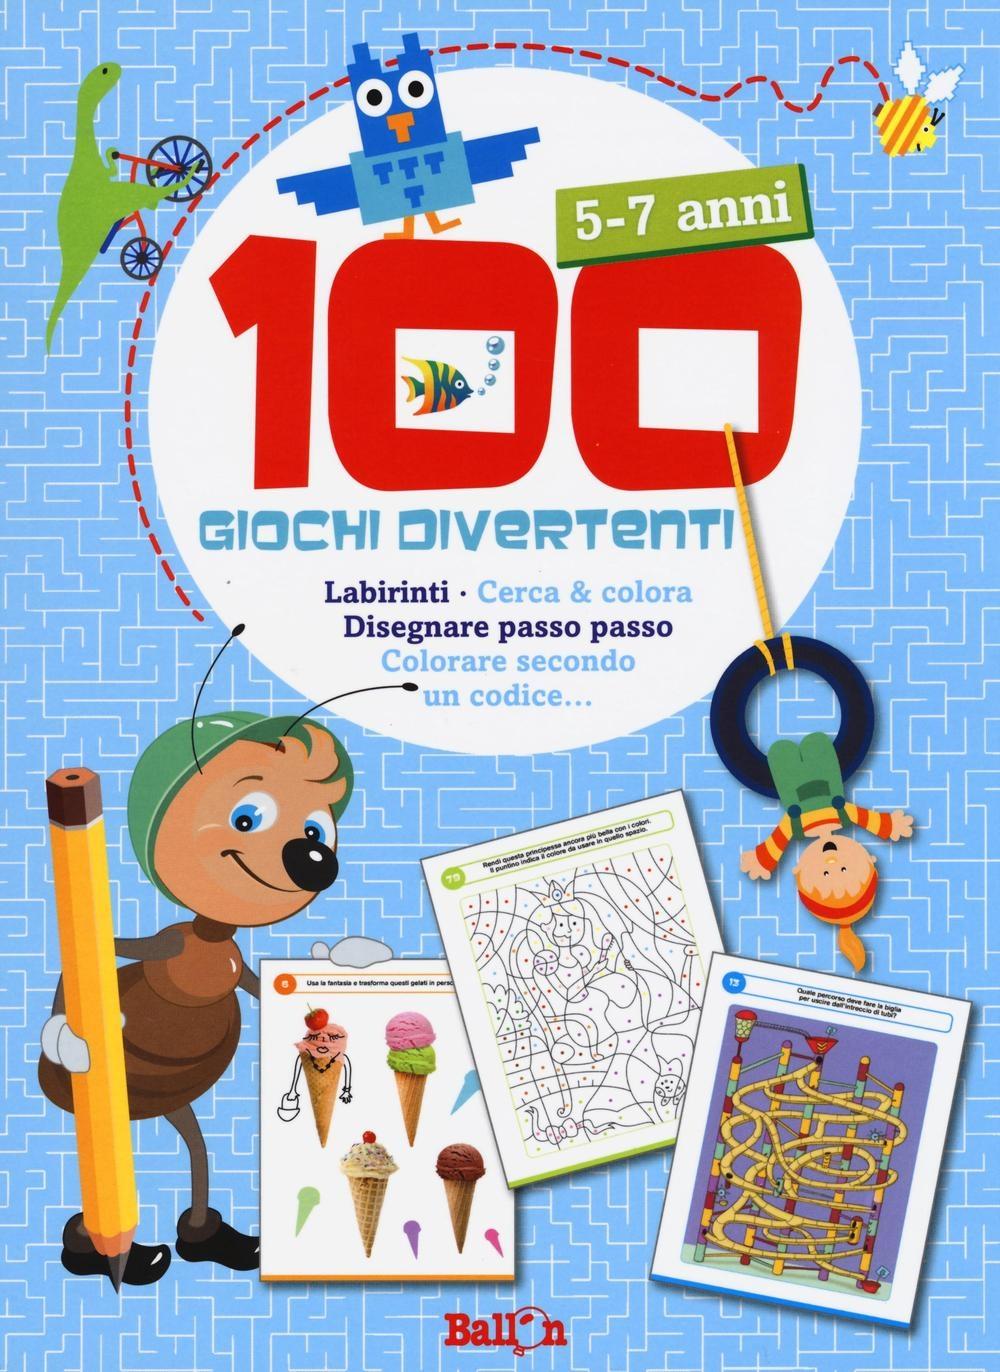 100 giochi divertenti. 5-7 anni. Labirinti, Cerca & colora, Disegnare passo passo, Colorare secondo un codice.... Ediz. illustrata